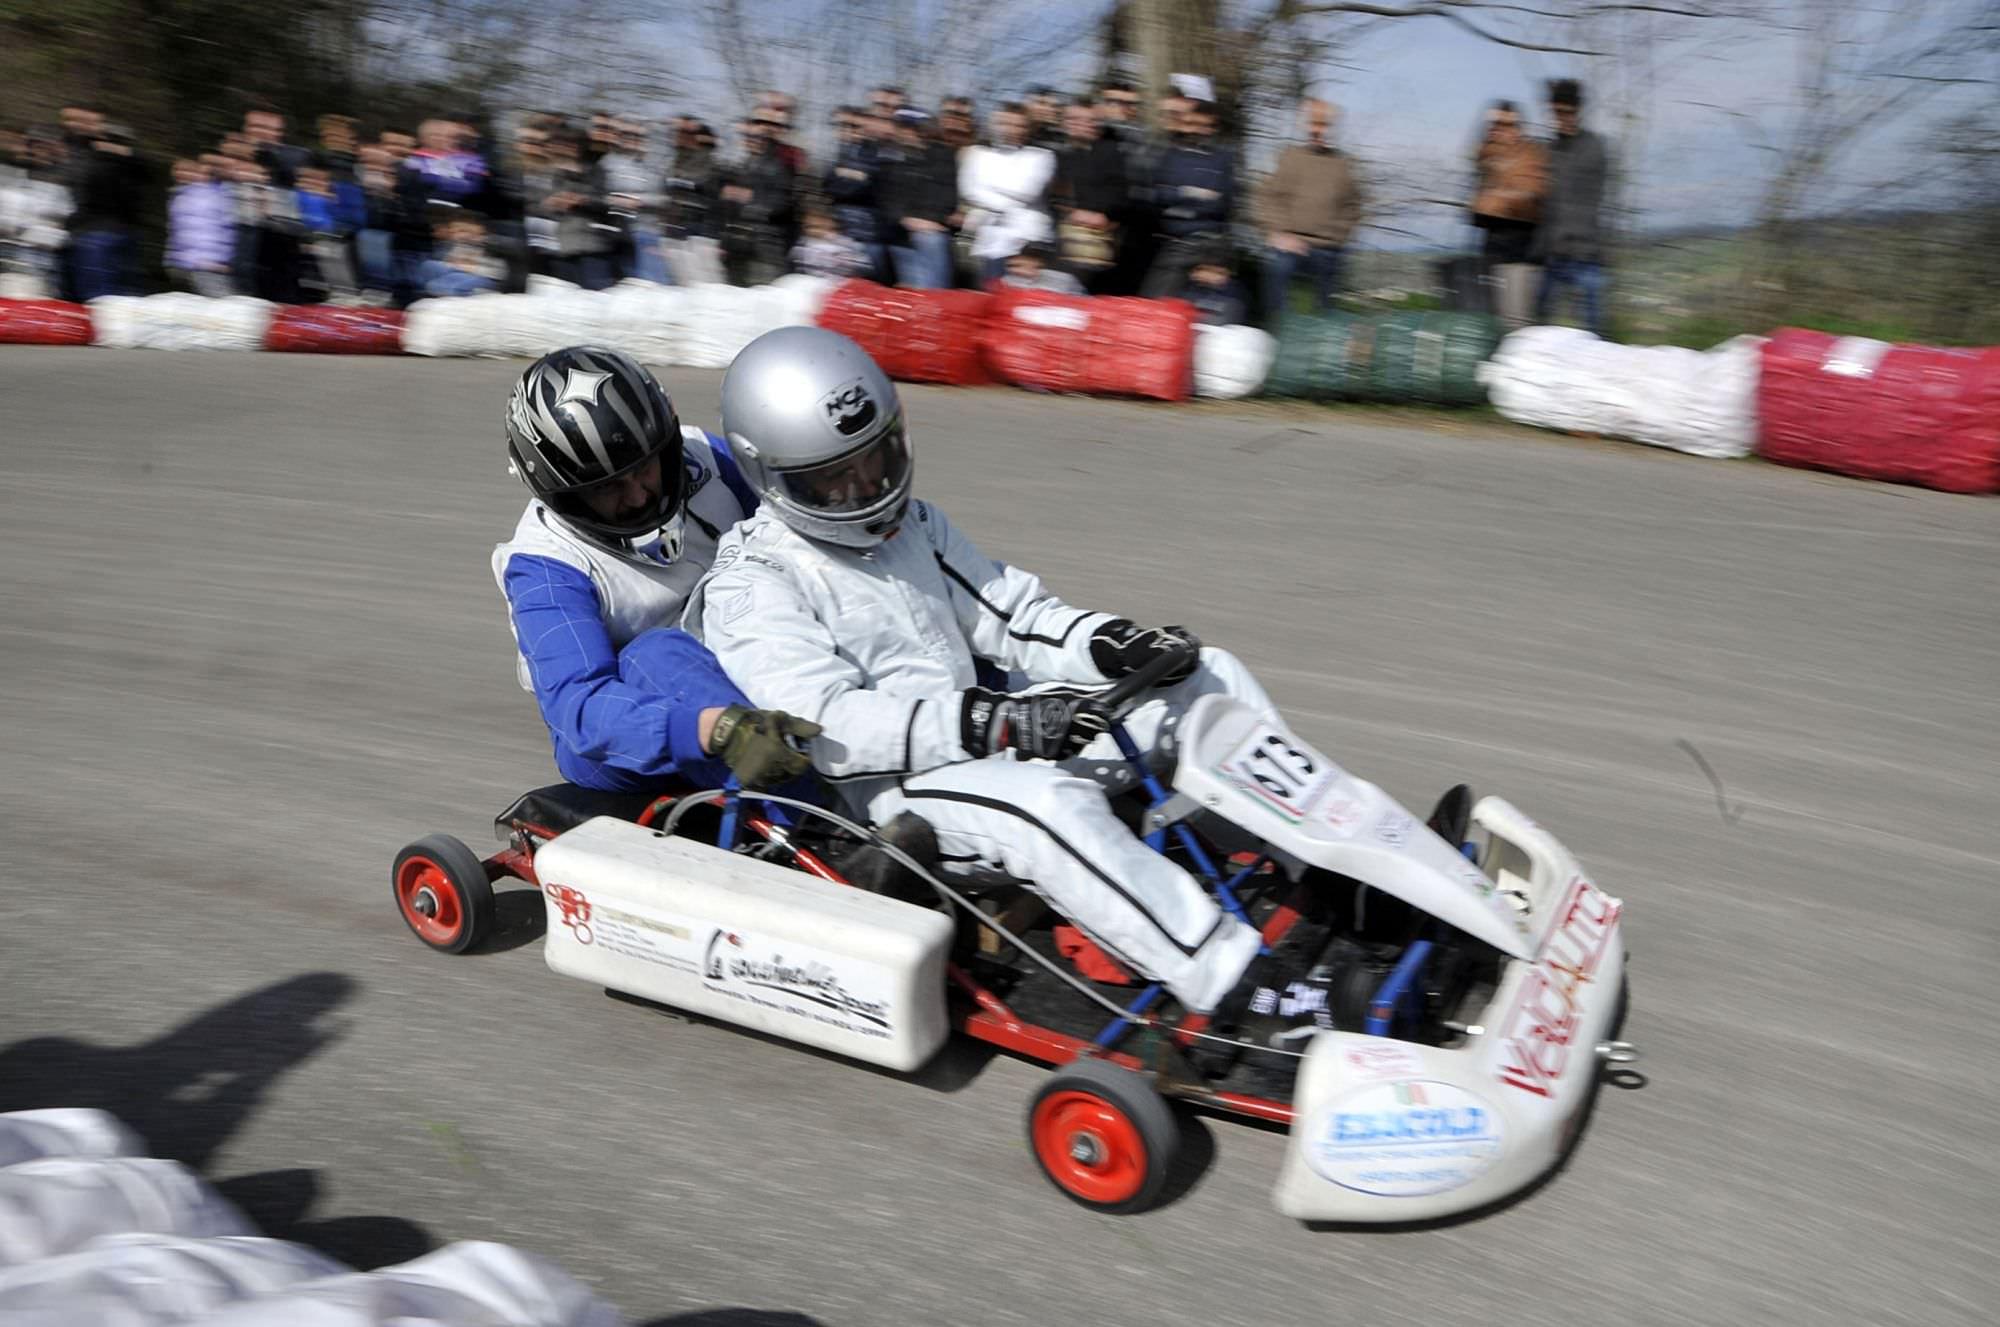 Torna la corsa dei carretti di Orbicciano, oltre 150 gli iscritti